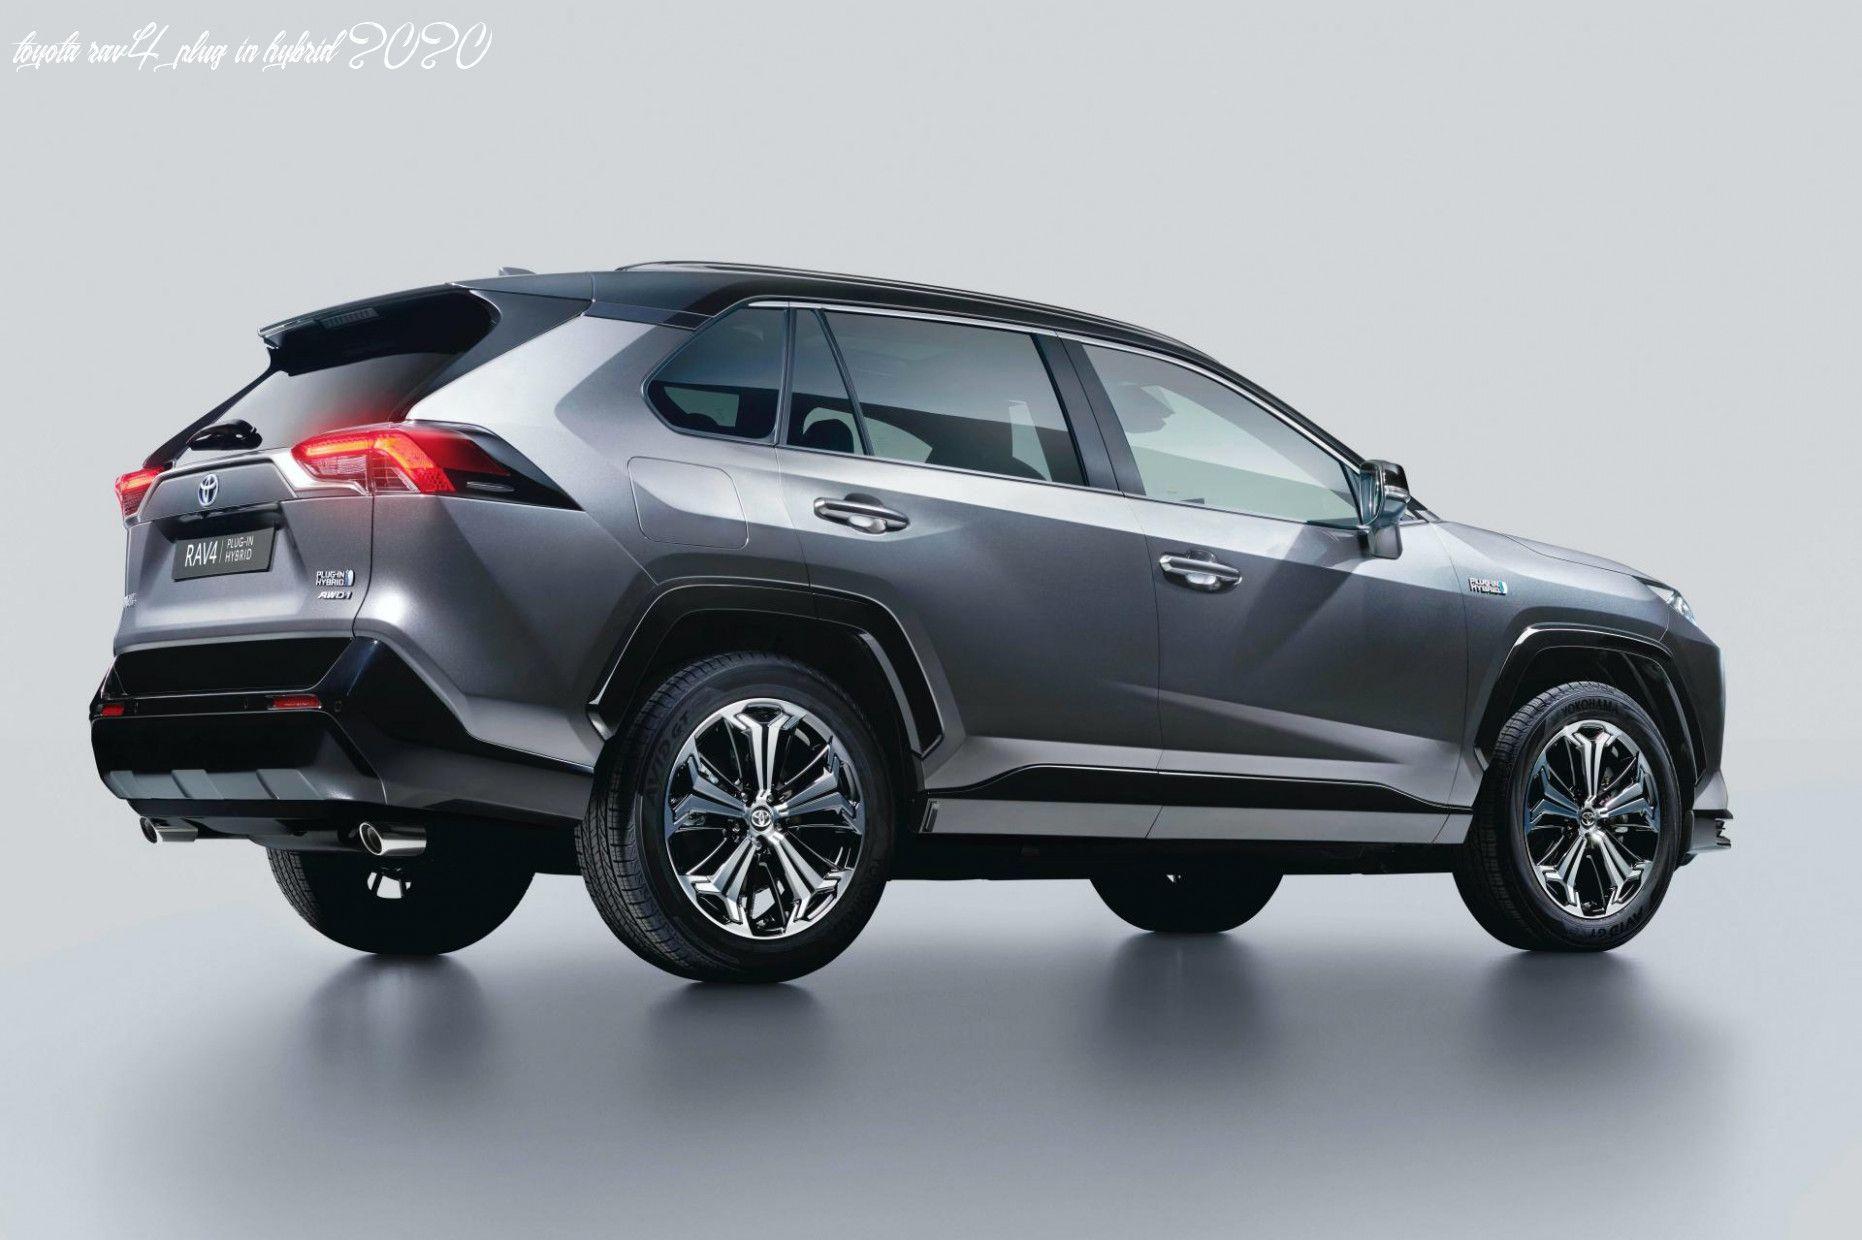 Toyota Rav4 Plug In Hybrid 2020 In 2020 Toyota Rav4 Toyota Rav4